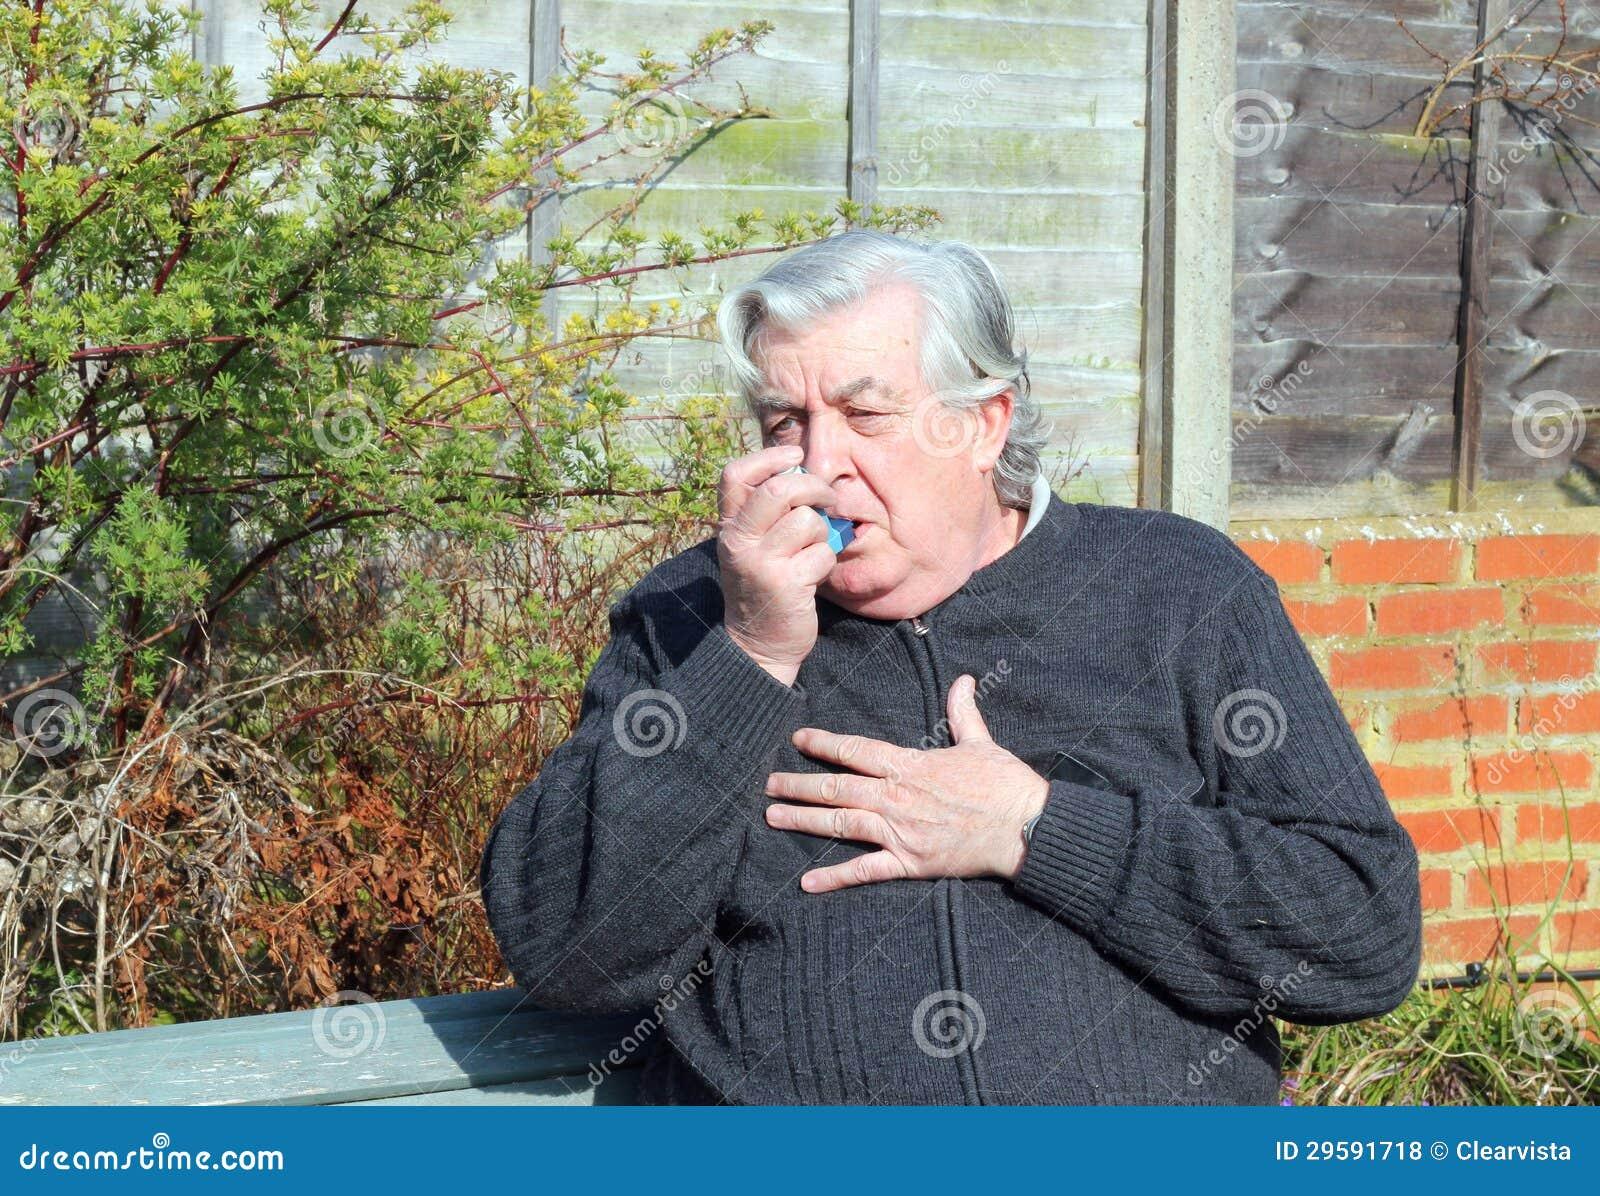 Ηλικιωμένο άτομο με inhaler άσθματος.